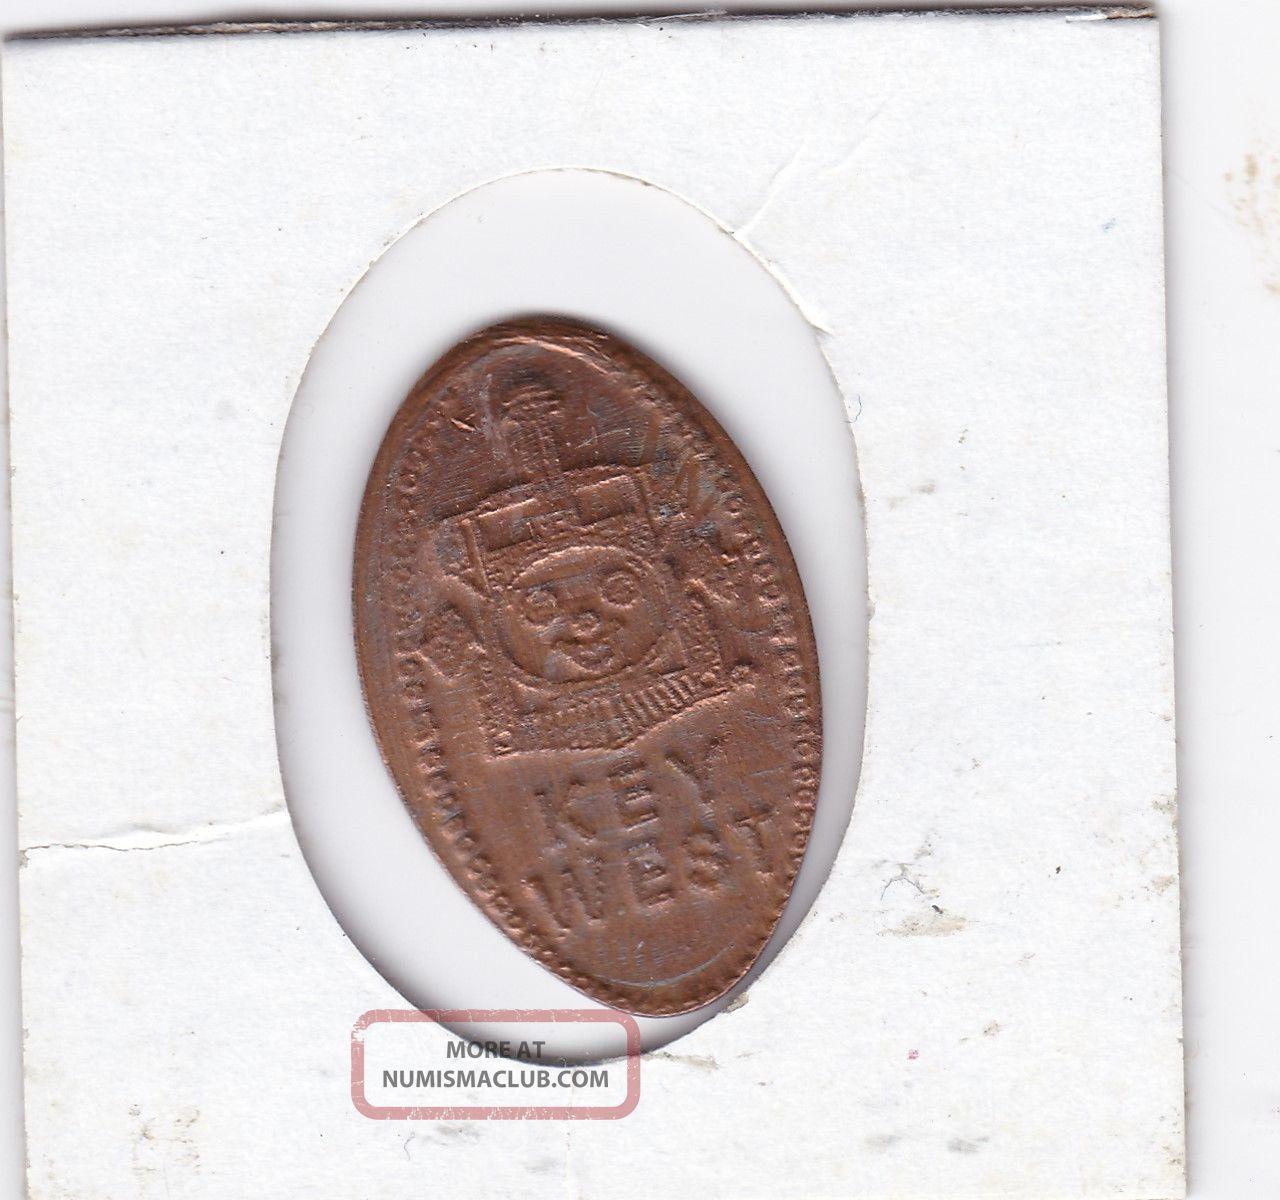 Key West Z/v Ec 396 Exonumia photo